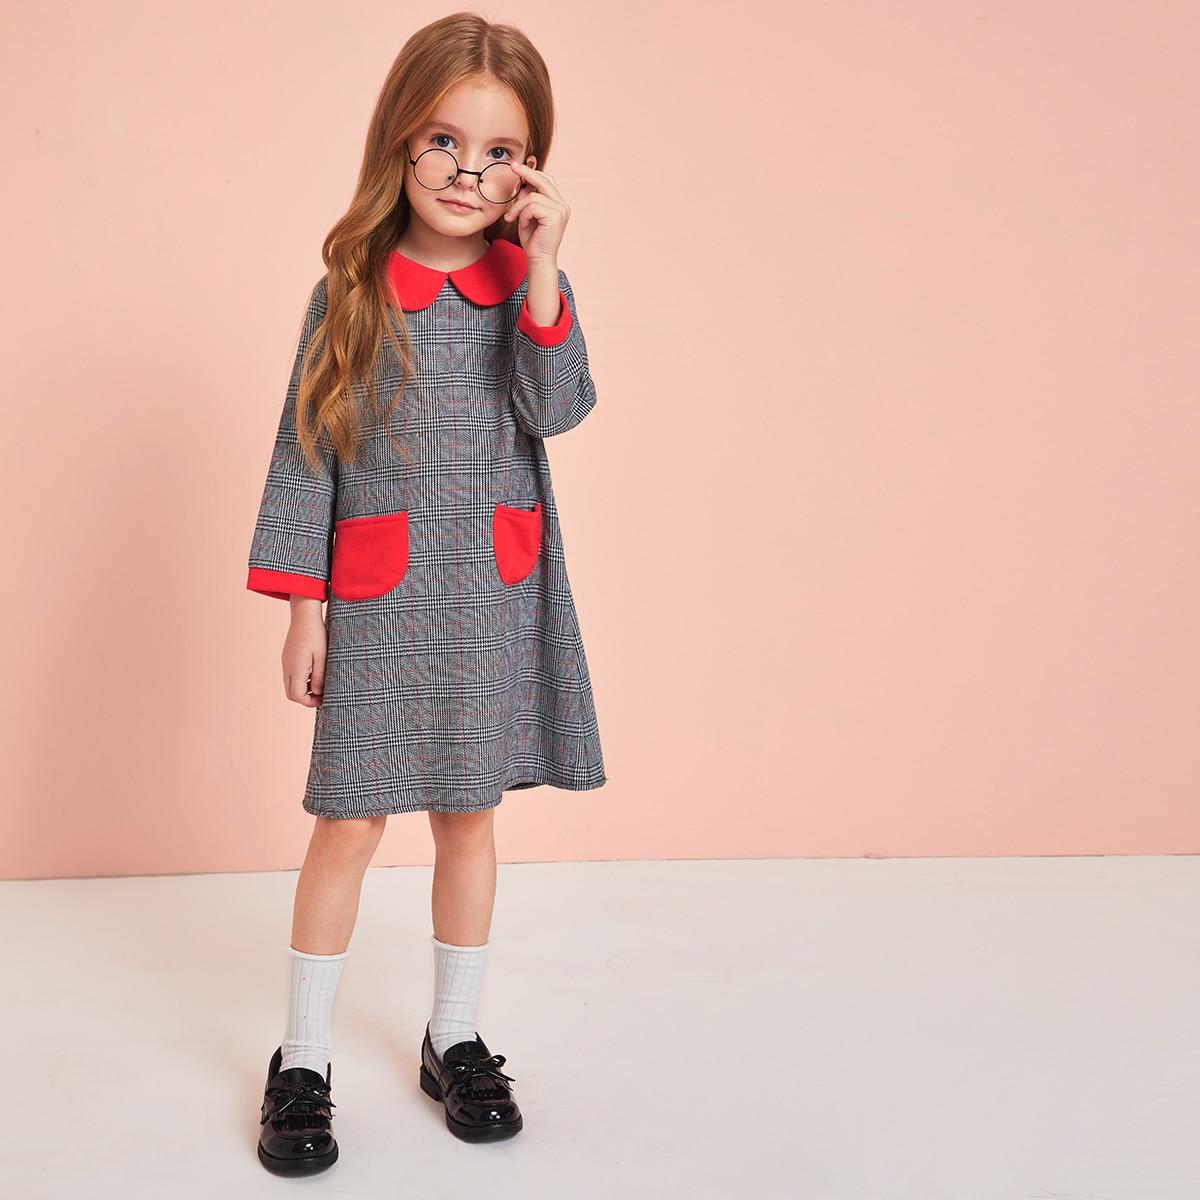 SHEIN / Kleinkind Mädchen Tunika Kleid mit Kontrast Einsatz und Karo Muster